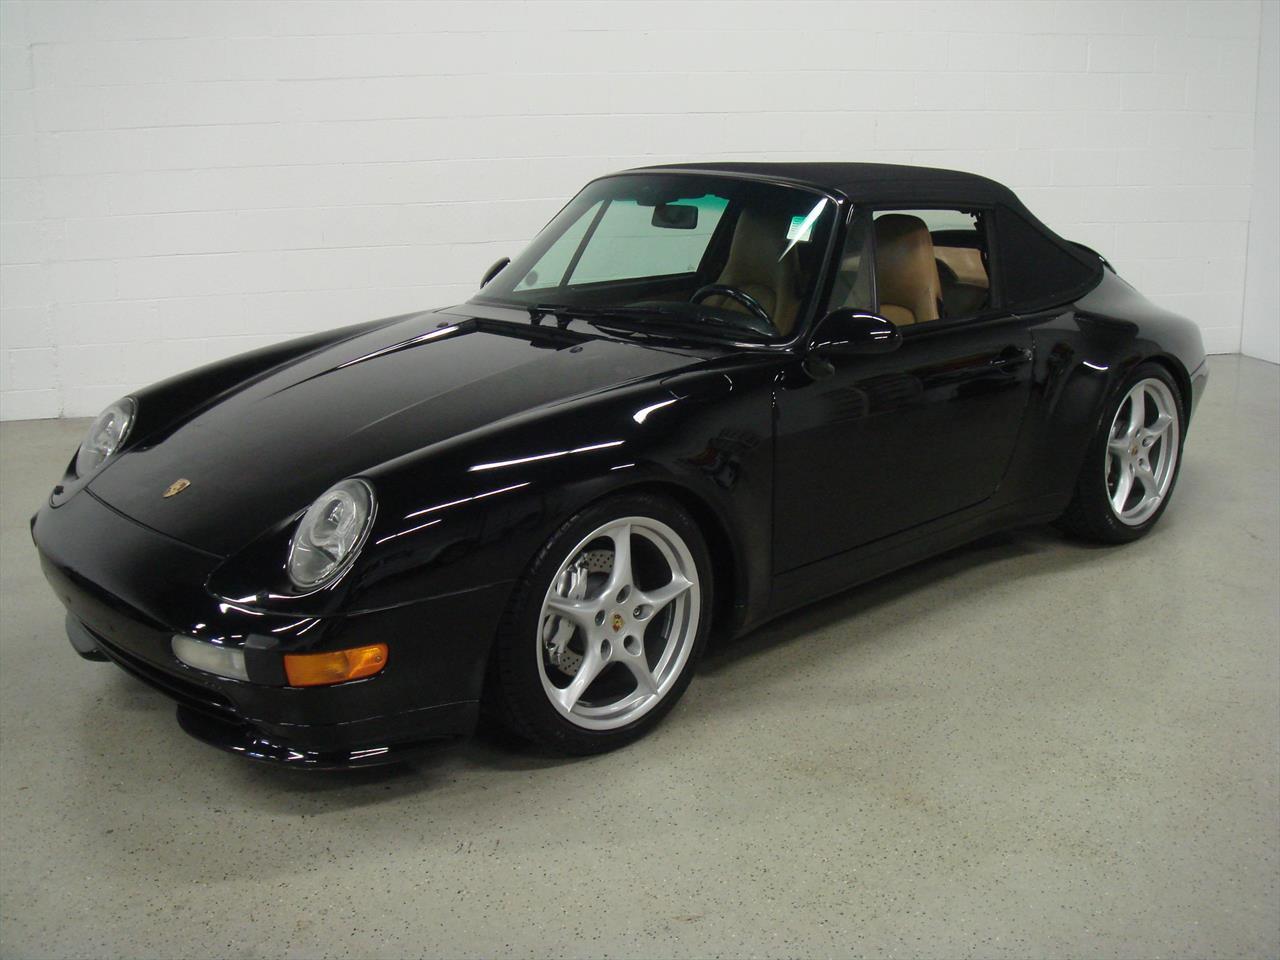 1996 porsche 911 c4 cabriolet. Black Bedroom Furniture Sets. Home Design Ideas